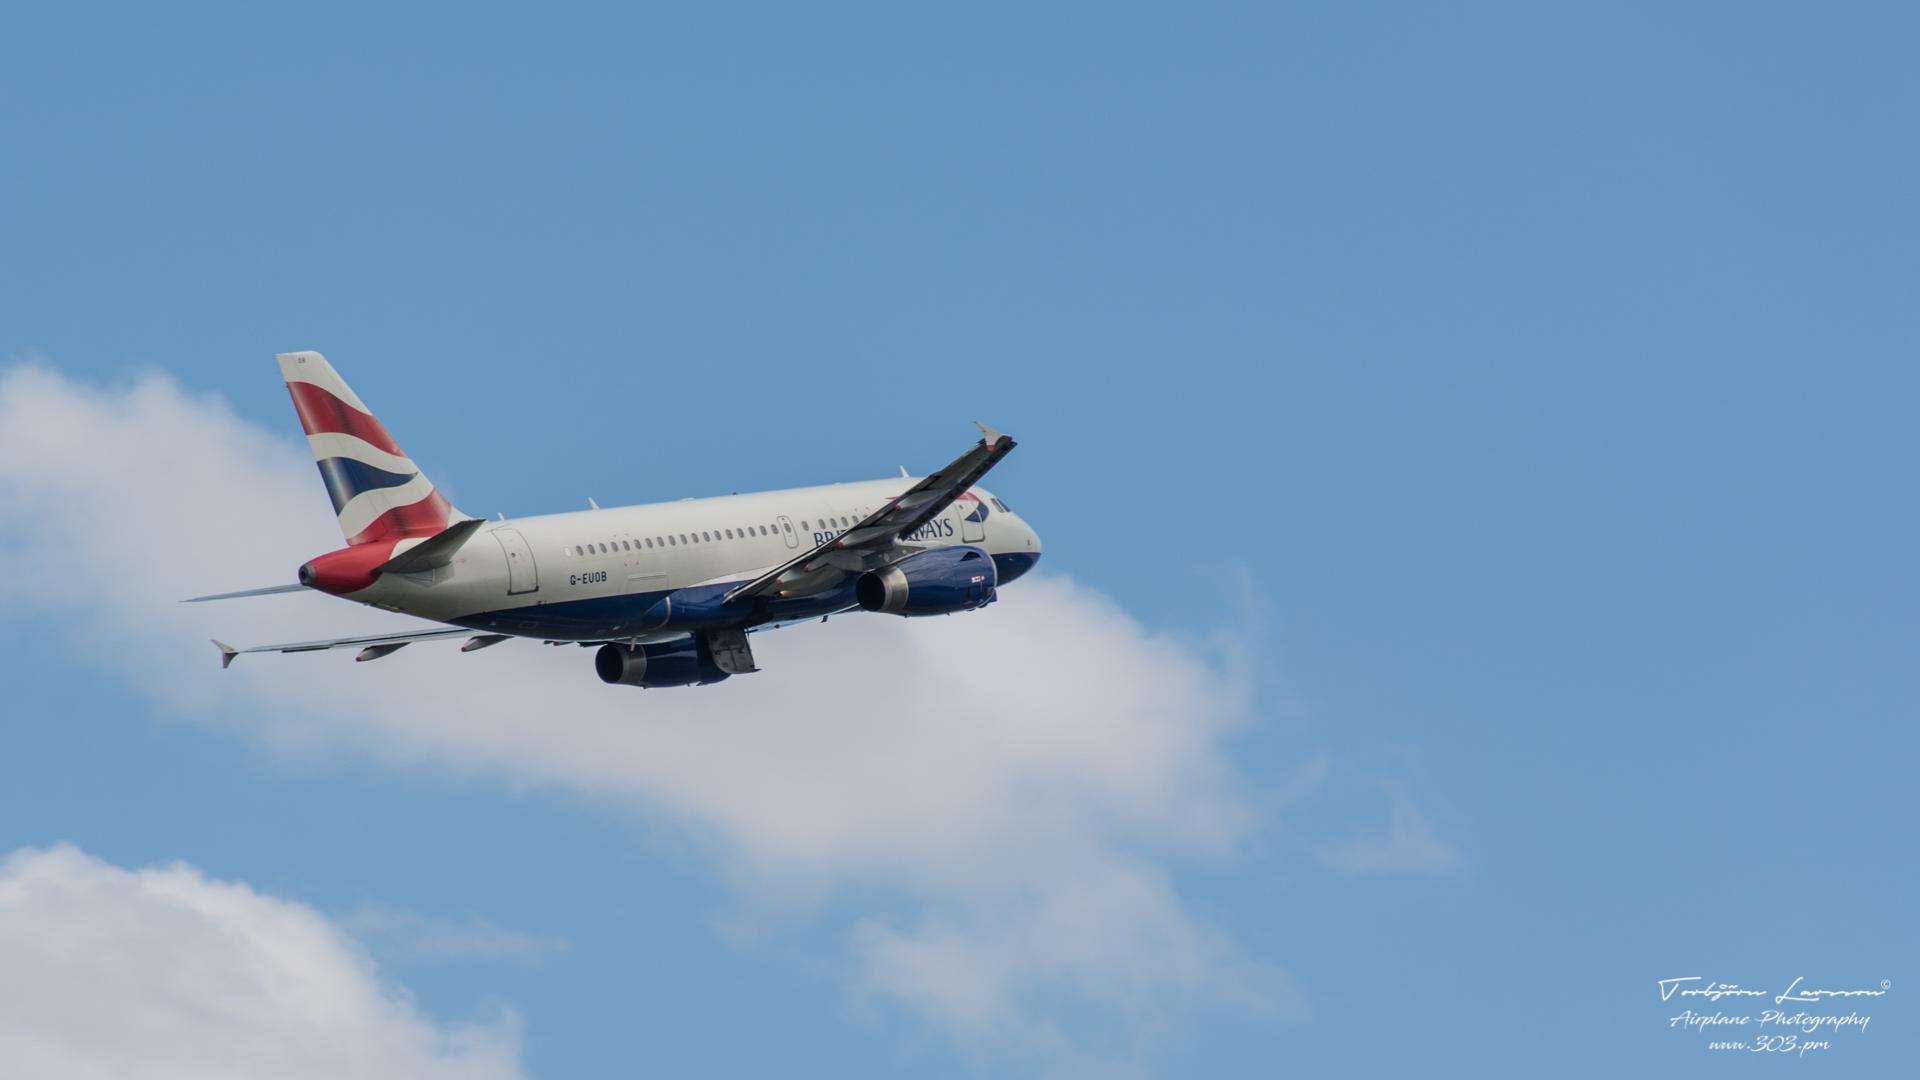 TBE_8104-Airbus A319-131 - British Airways - (G-EUOB)